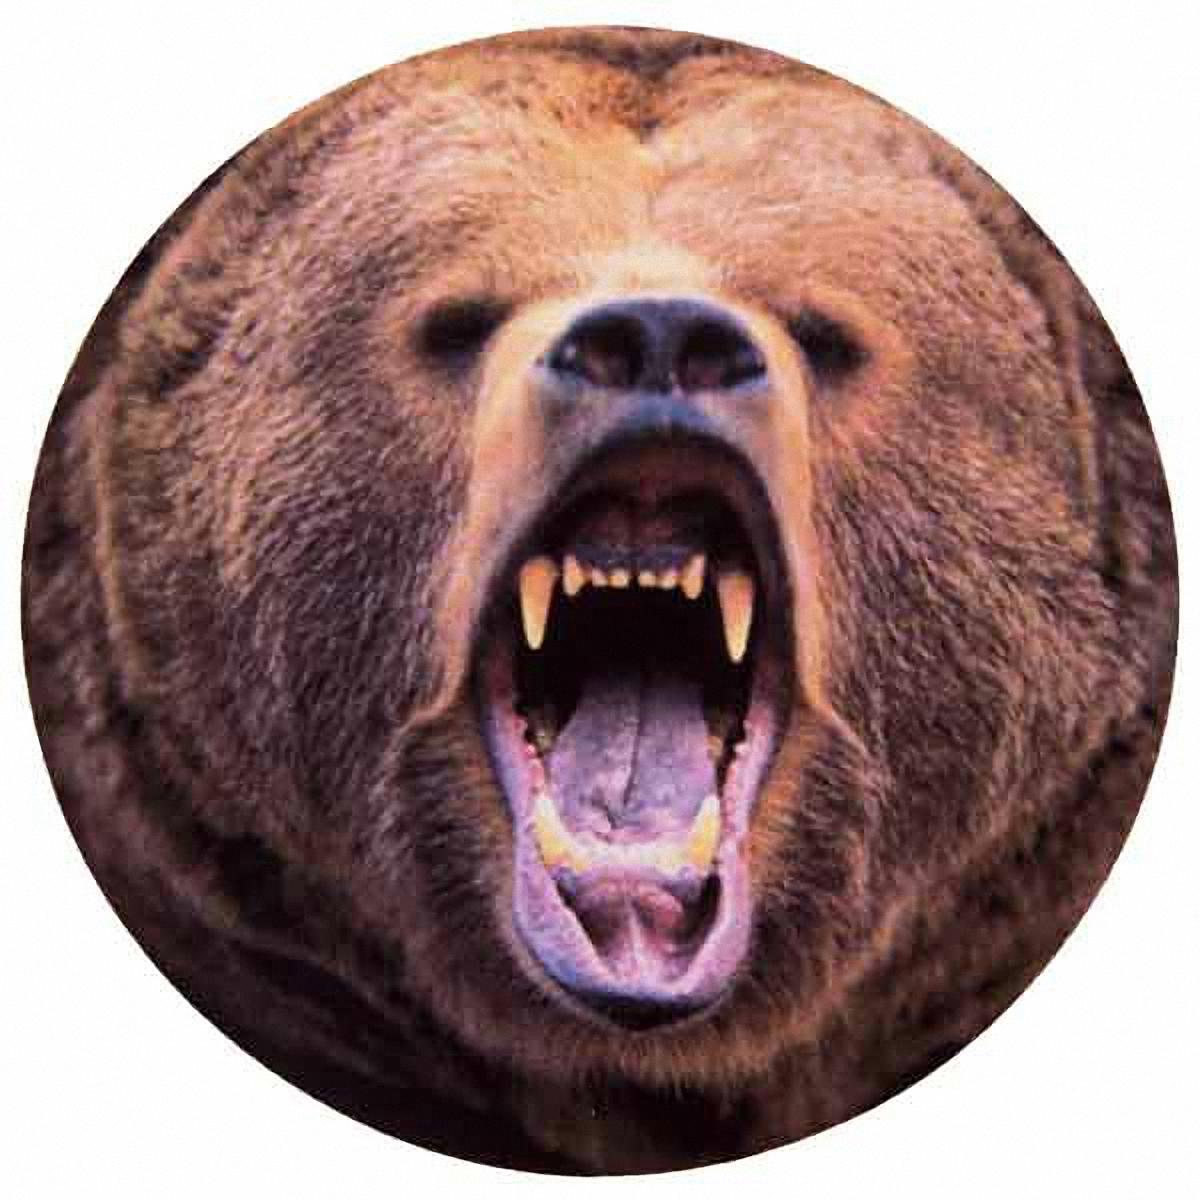 Чехол на запасное колесо Skyway Медведь, диаметр 67 смS06301013Чехол Skyway Медведь обеспечивает защиту запасного колеса автомобиля от загрязнений, прямых солнечных лучей, воздействия воды, посторонних предметов, агрессивных сред и других негативных факторов. Чехол изготовлен из прочной экокожи, которая легко моется и надолго сохраняет внешний вид. Чехол оформлен оригинальным изображением медведя и снабжен резинкой для легкого надевания. Благодаря чехлу, колесо сохранит свой внешний вид и характеристики. Размер колеса: R16, 17.Диаметр чехла: 67 см.